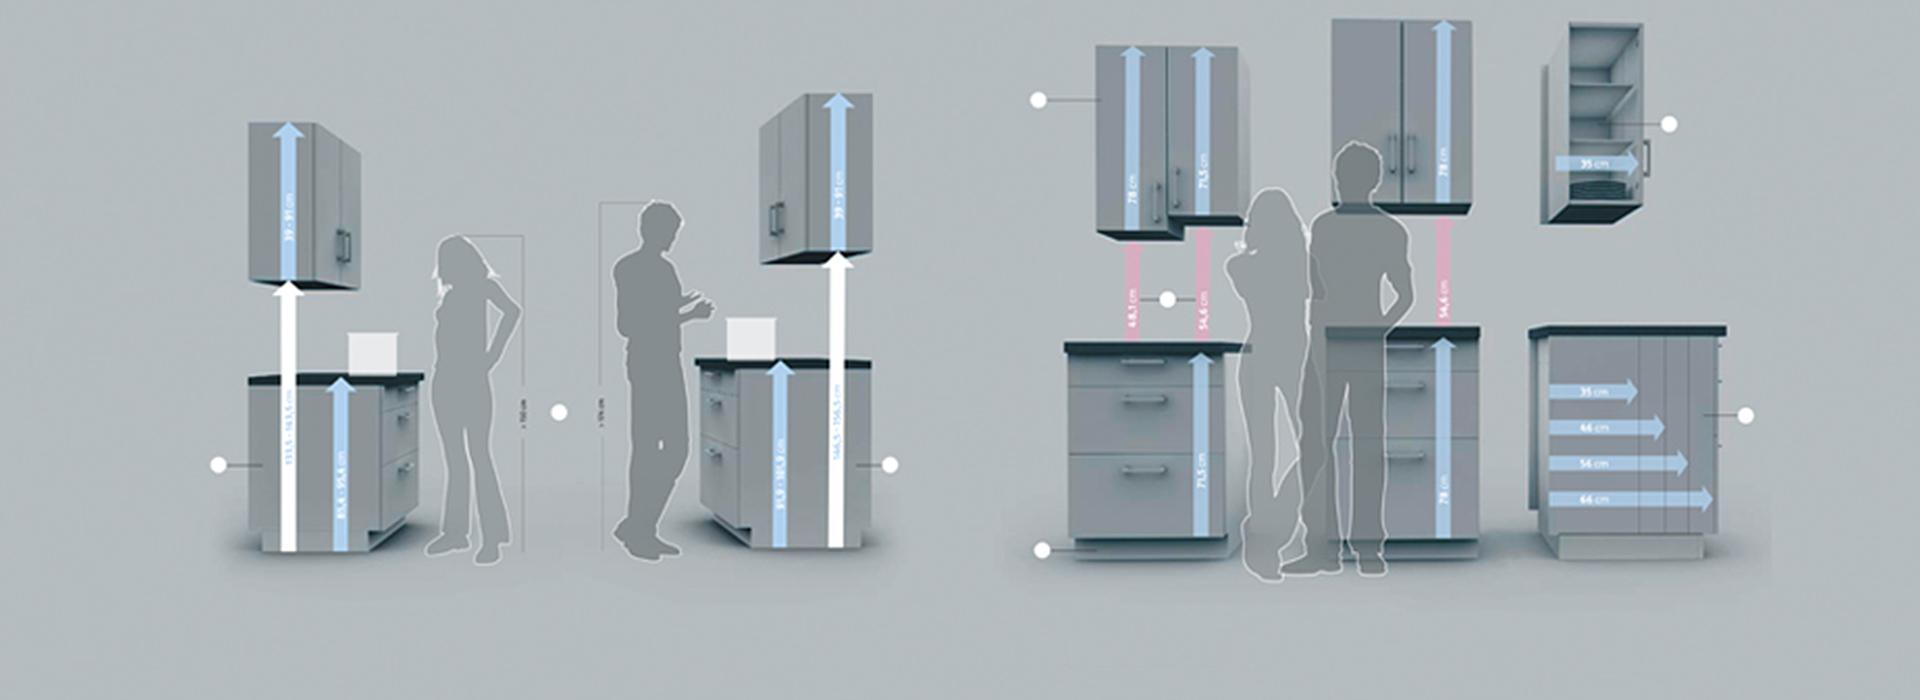 Planung Fehler Küche Arbeitshöhe Niedrig